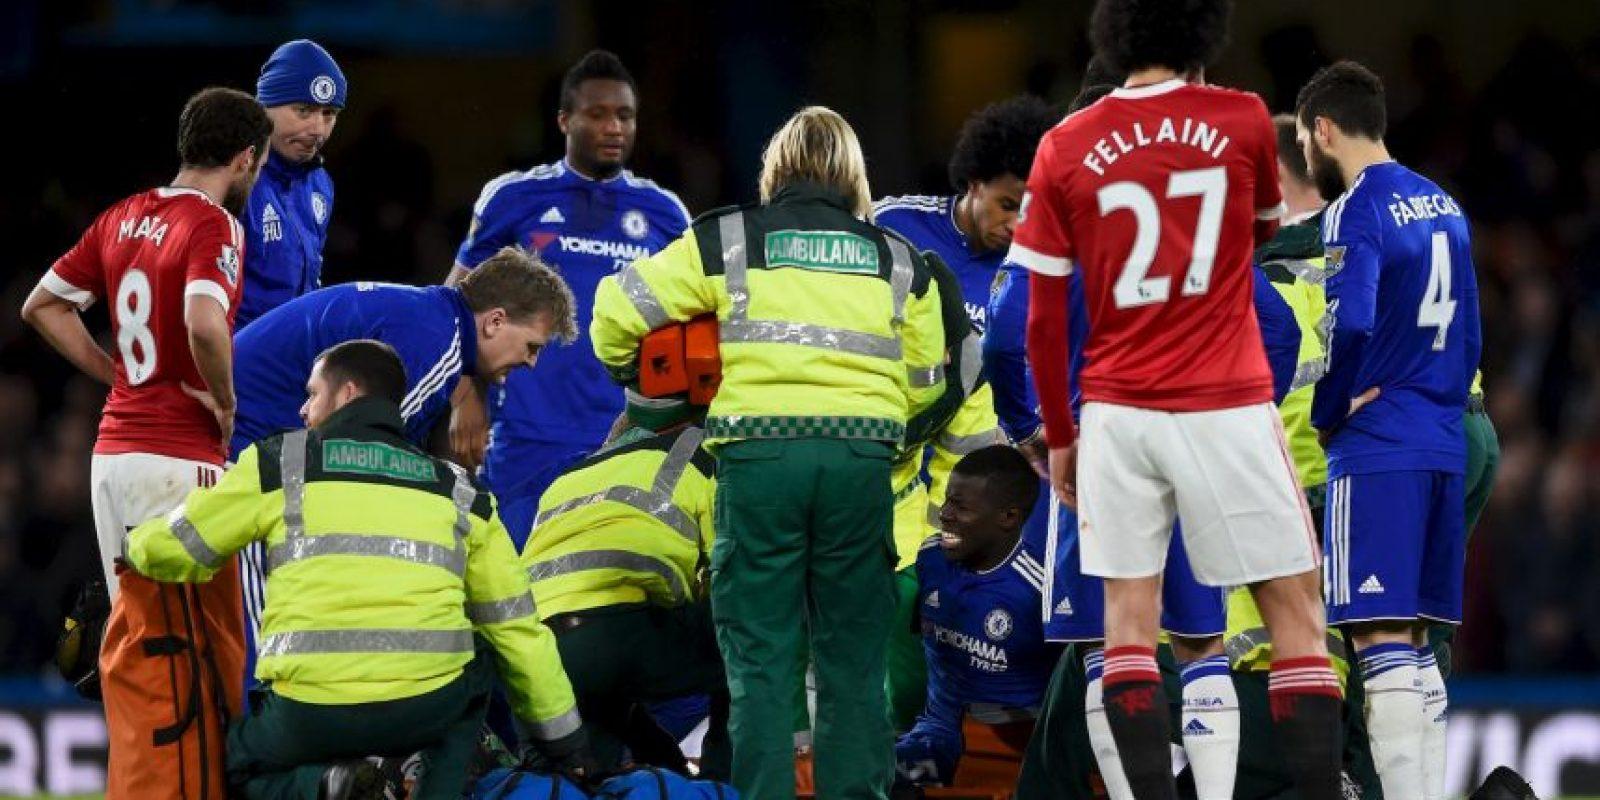 El futbolista francés aterrizó mal tras buscar un balón aéreo y sus gritos de dolor podían escucharse en la transmisión del duelo. Foto:Getty Images